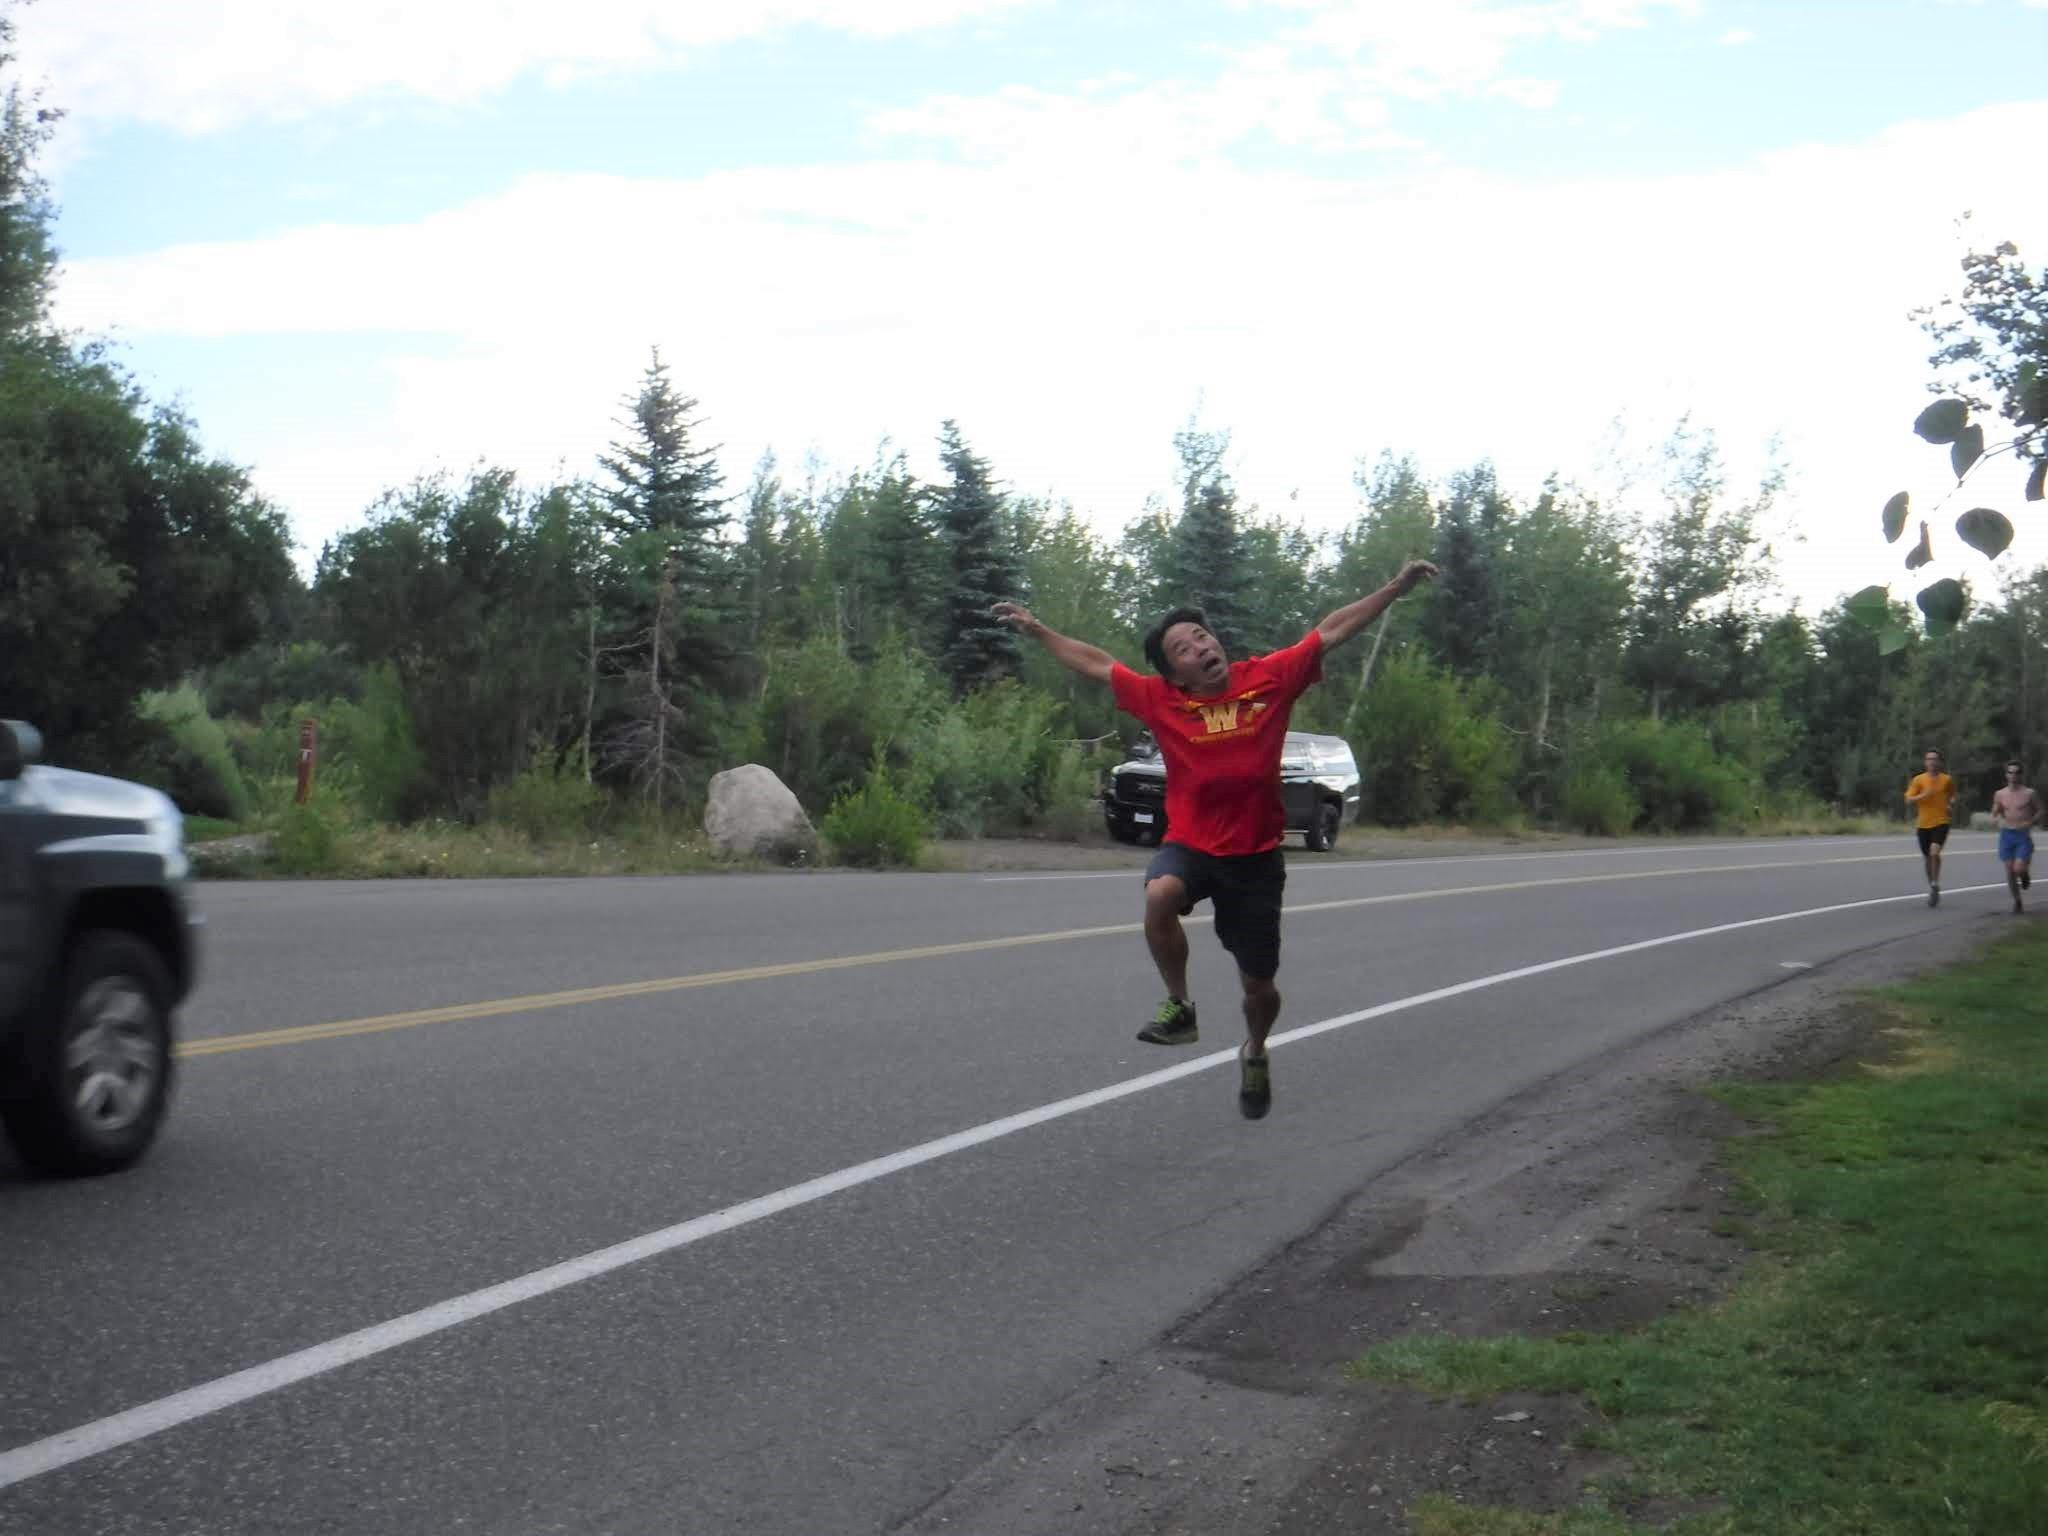 「50歳ランナーがマンモス・レイクスで高地トレーニングをした結果」の画像